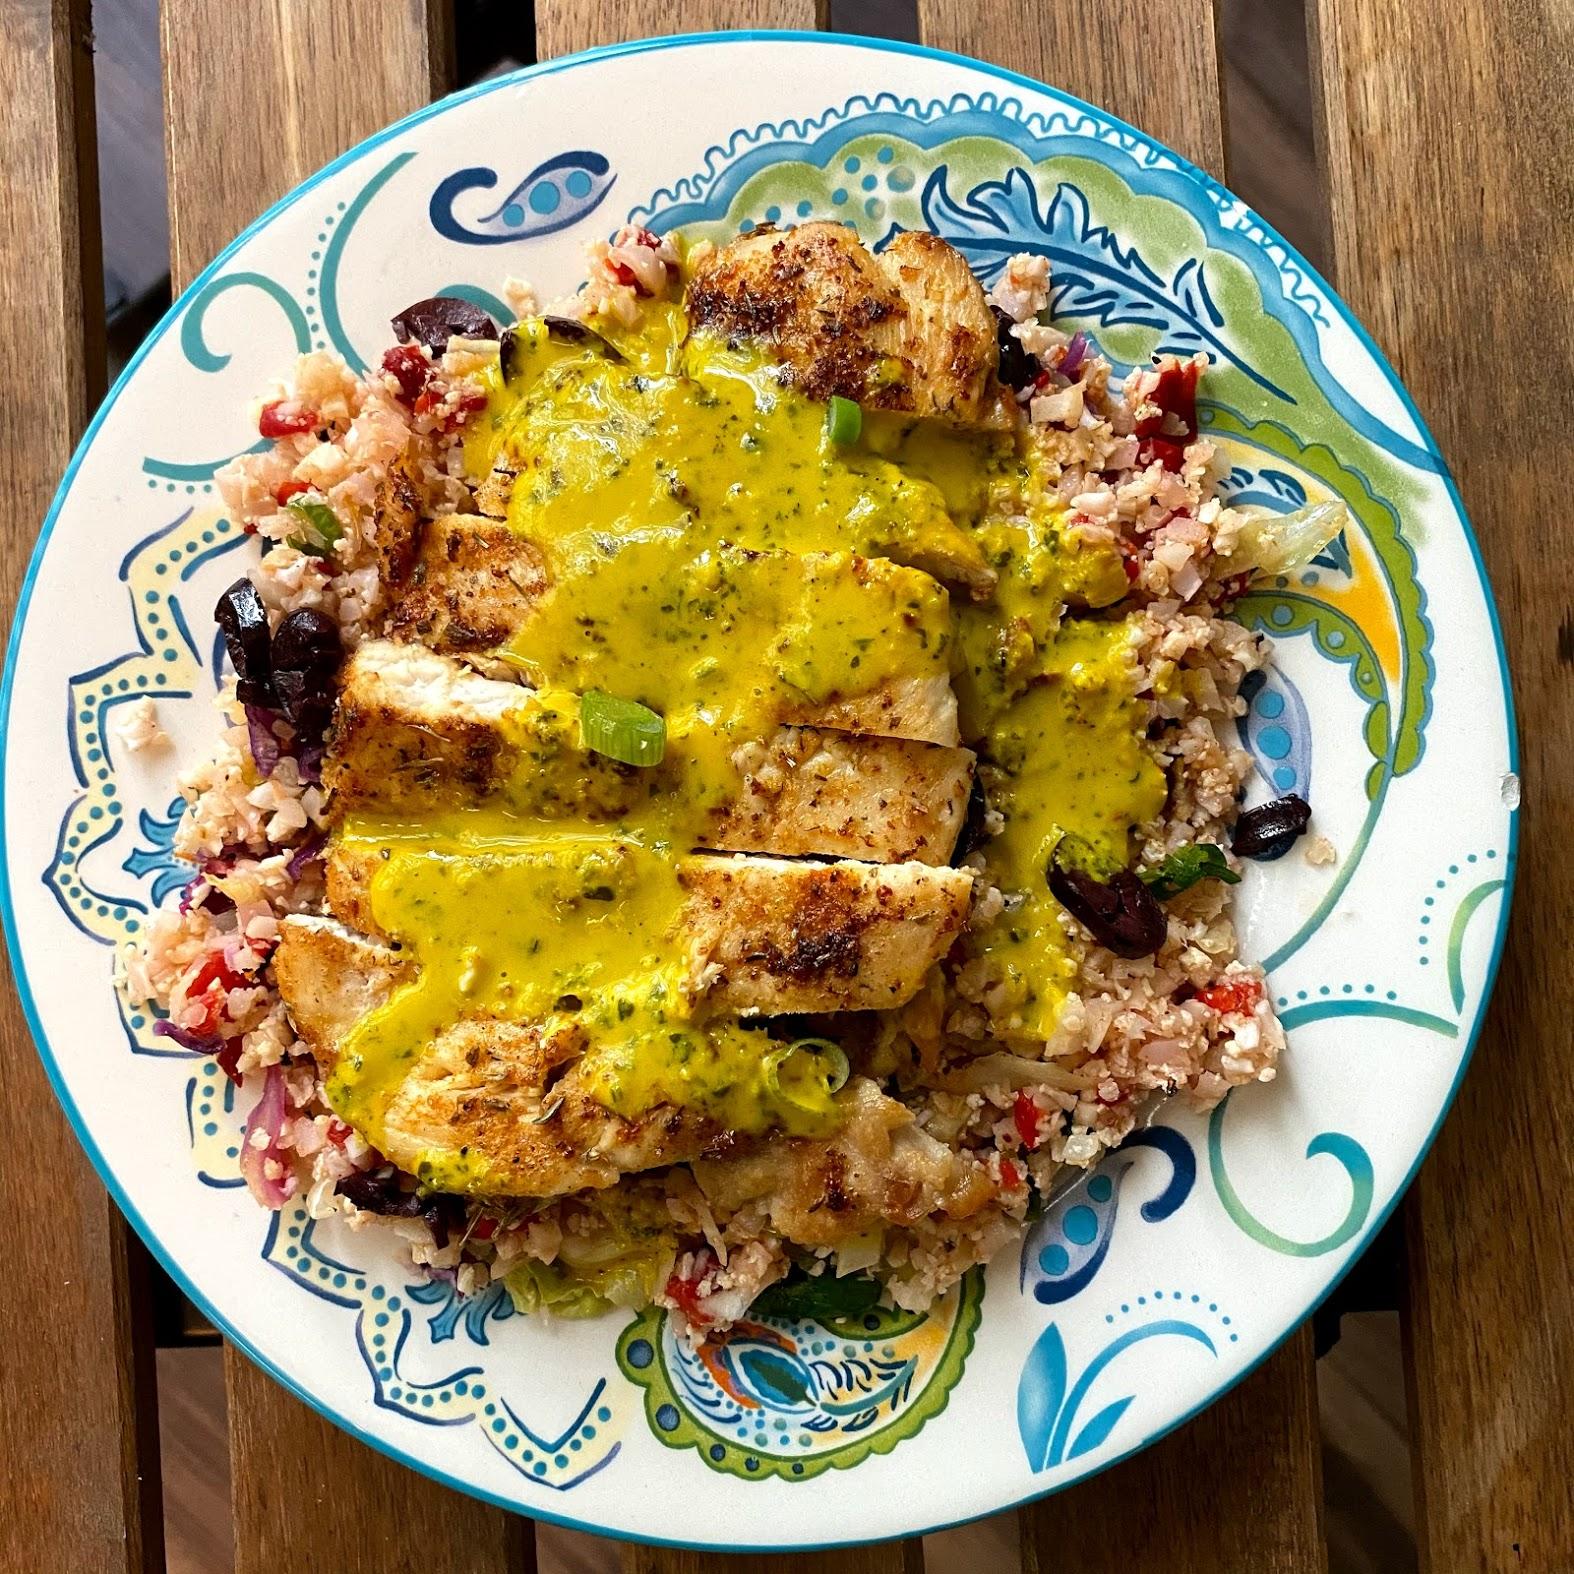 Pollo al estilo peruano con chimichurri